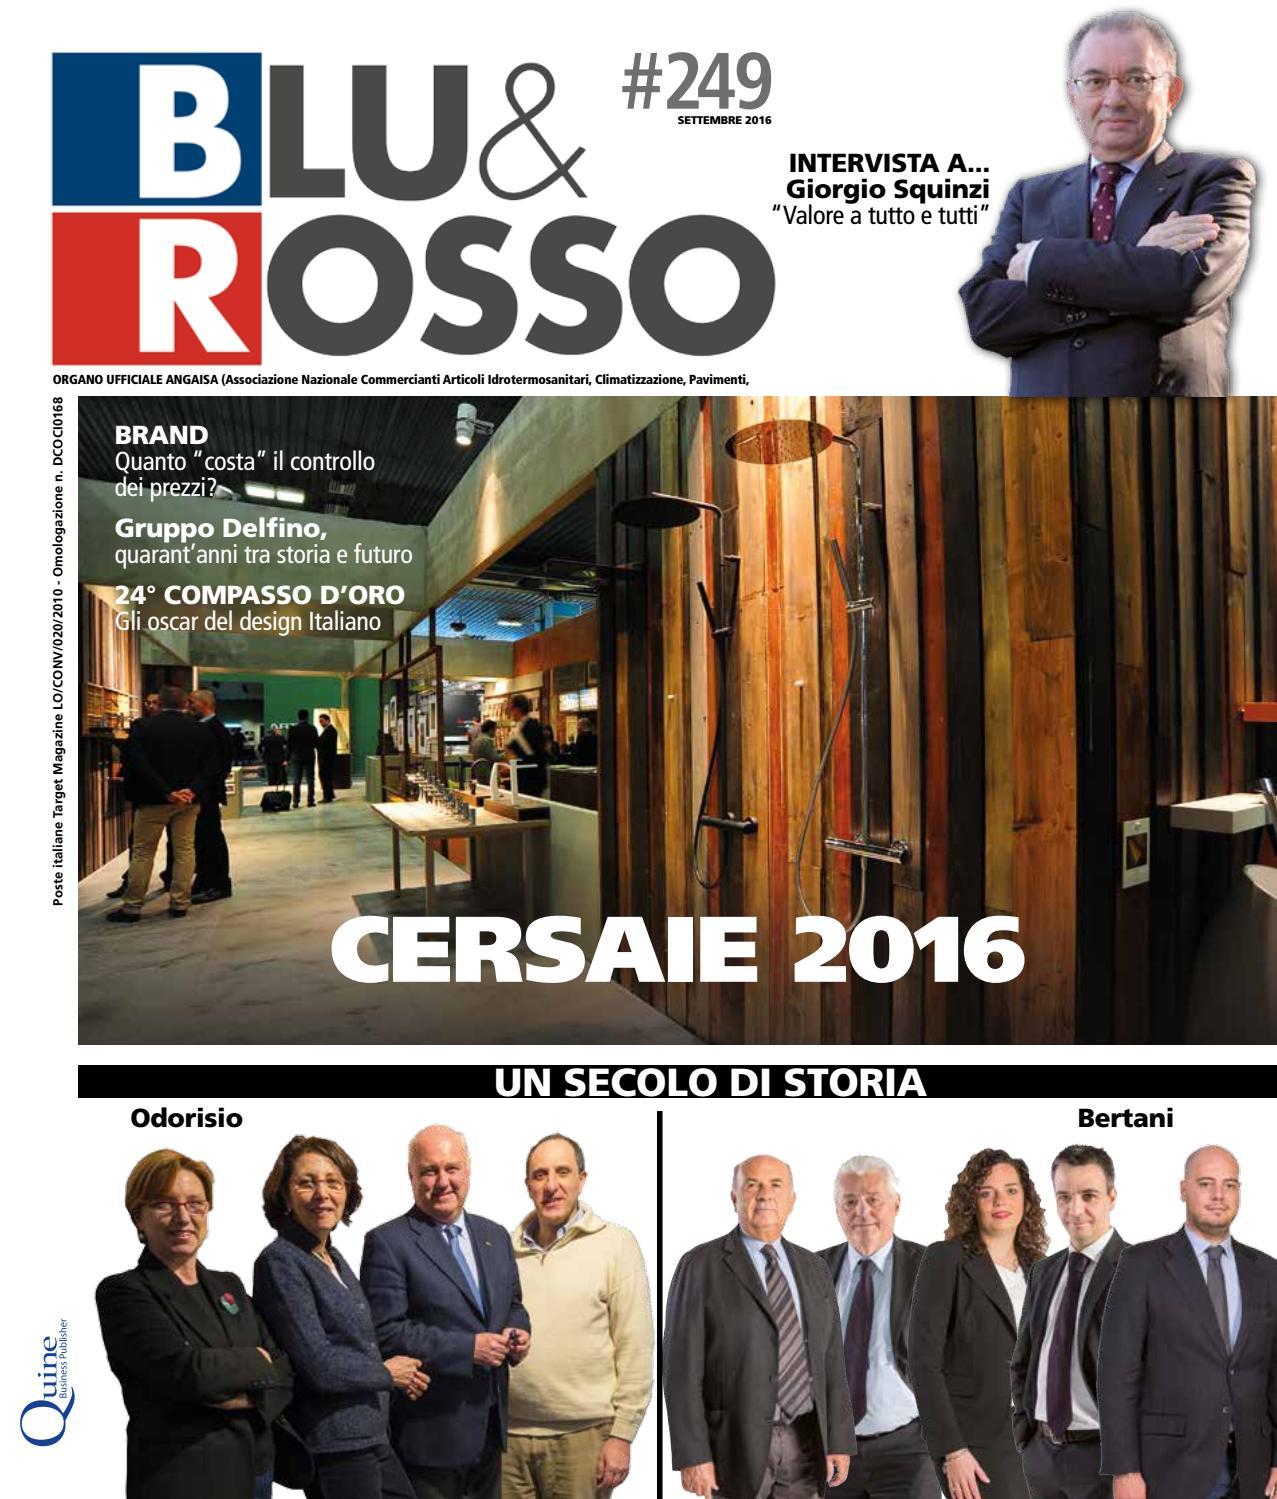 Vincenzo Dascanio Nuova Boutique A Bergamo : Blu rosso settembre by quine business publisher issuu